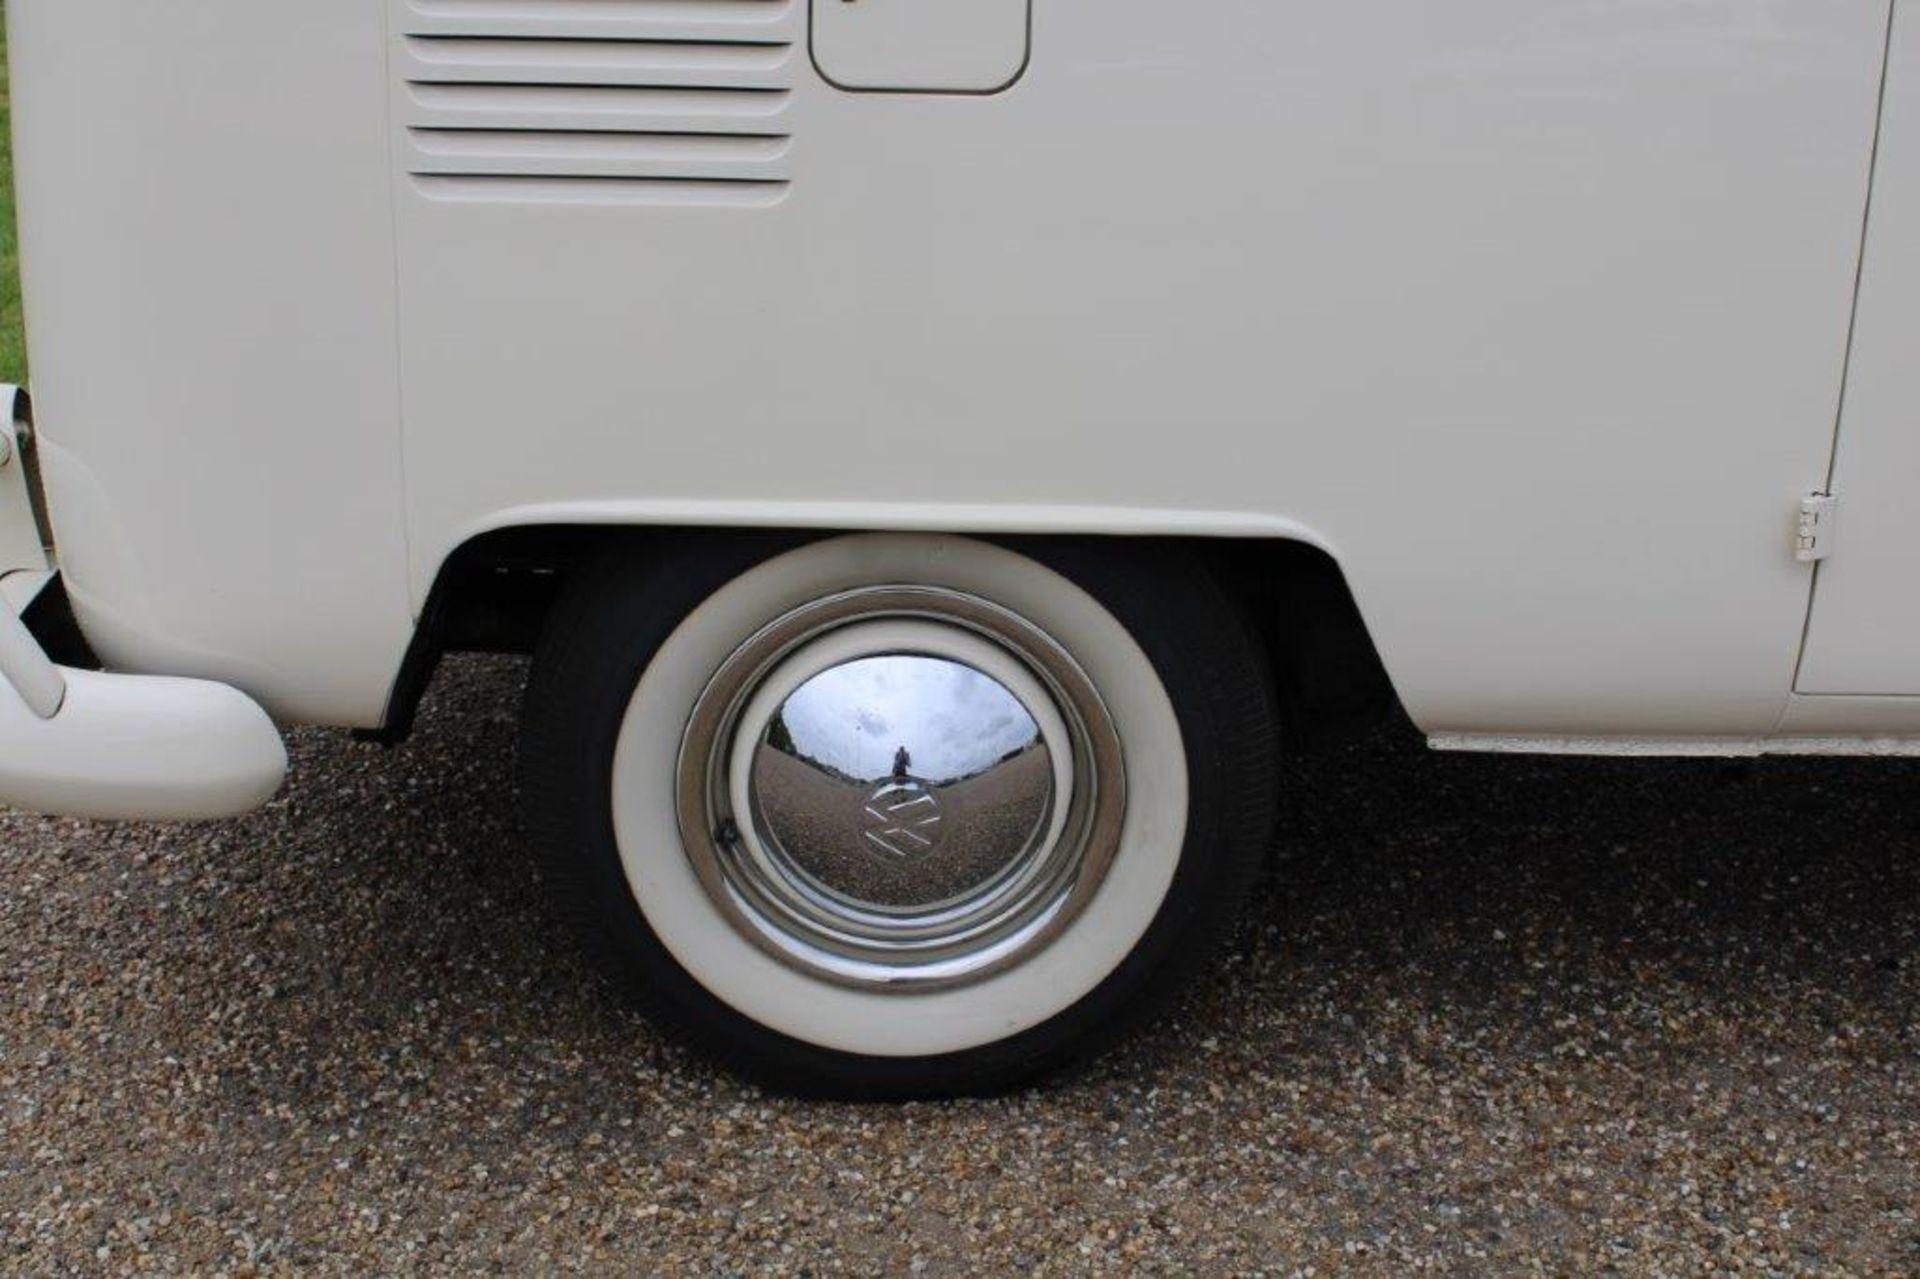 1966 Volkswagen Split Screen Camper LHD - Image 7 of 28